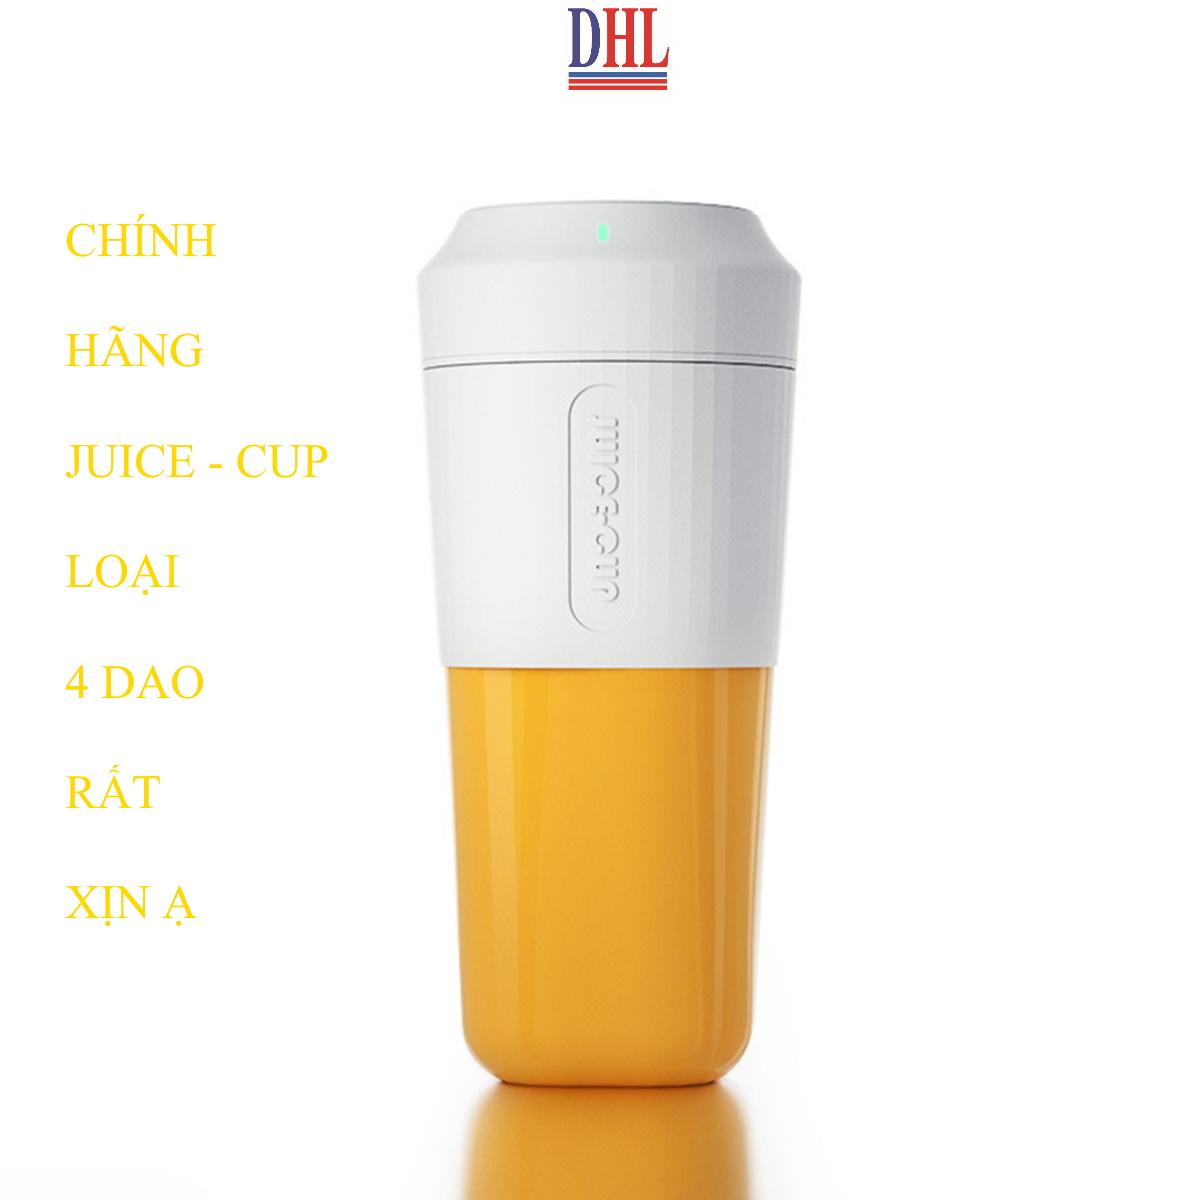 Máy xay sinh tố cầm tay mini, cốc xay sinh tố đa năng JUICE-CUP hàng chính hãng